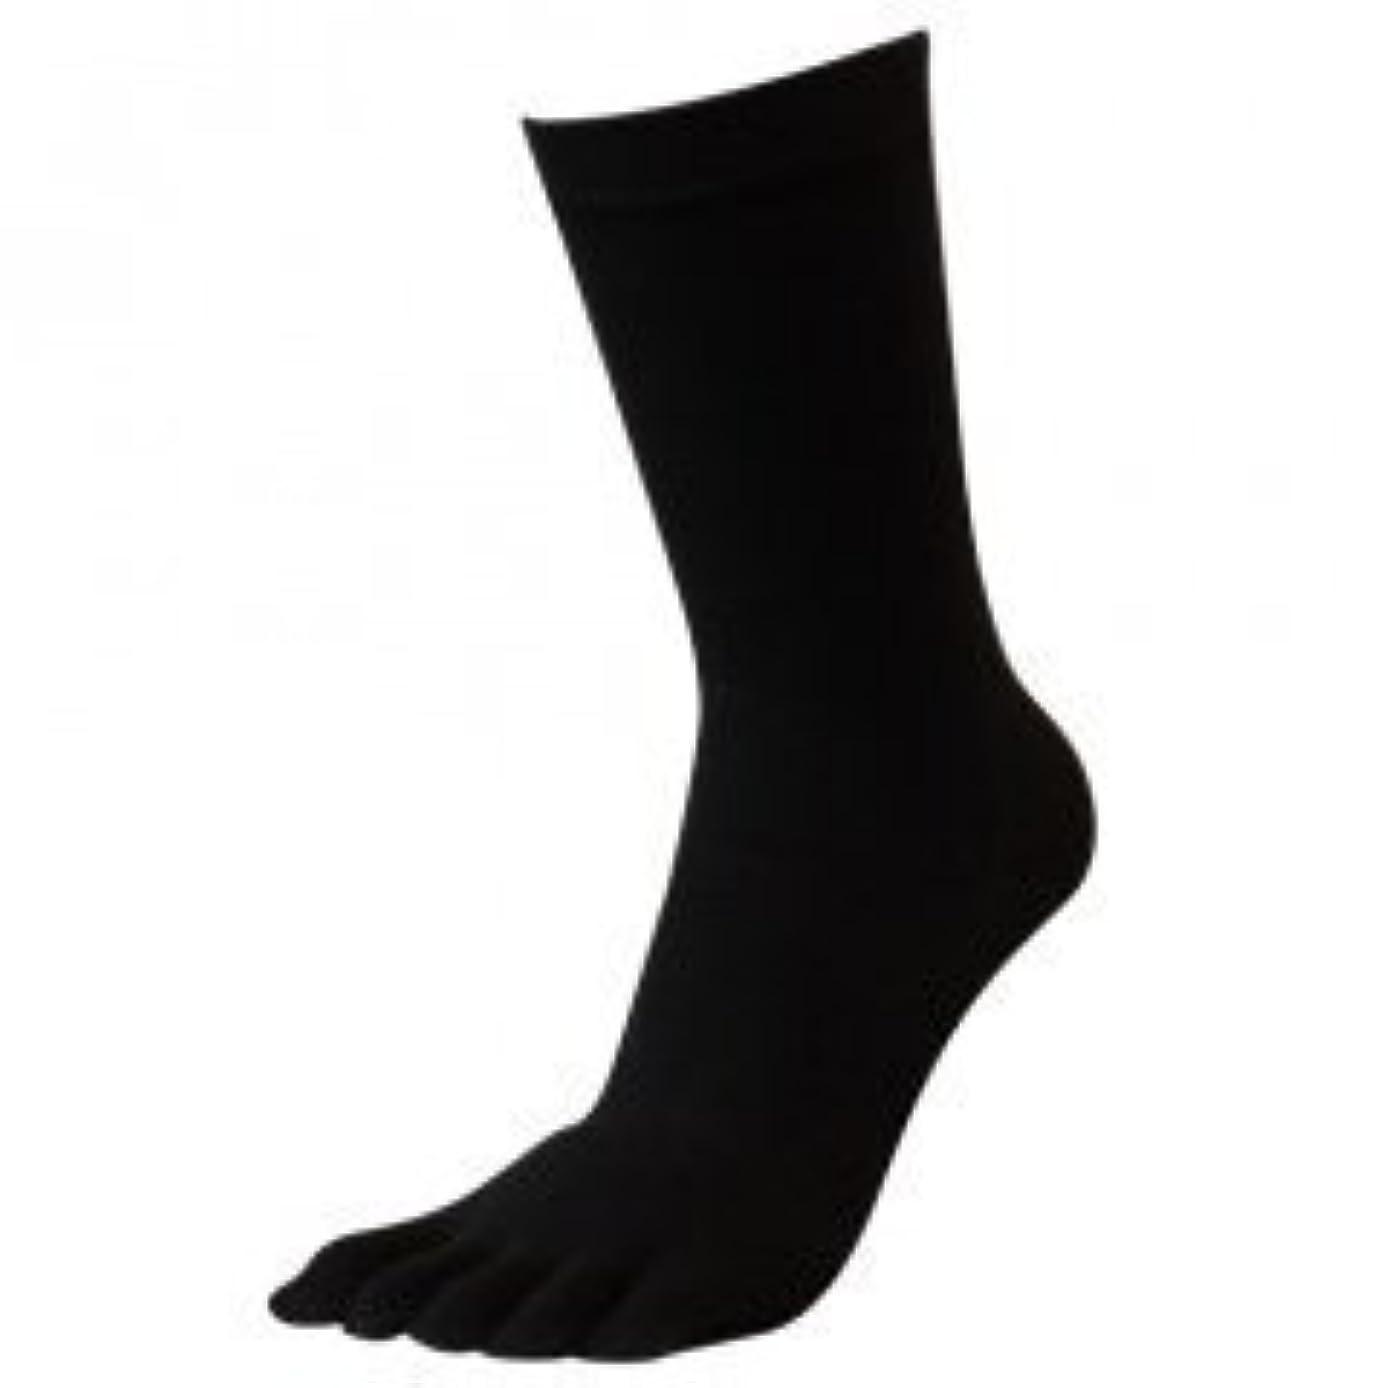 なにものコウモリブリーズブロンズ 5本指ソックス【黒】 急速分解消臭 匂わない消臭靴下 (22~24㎝)